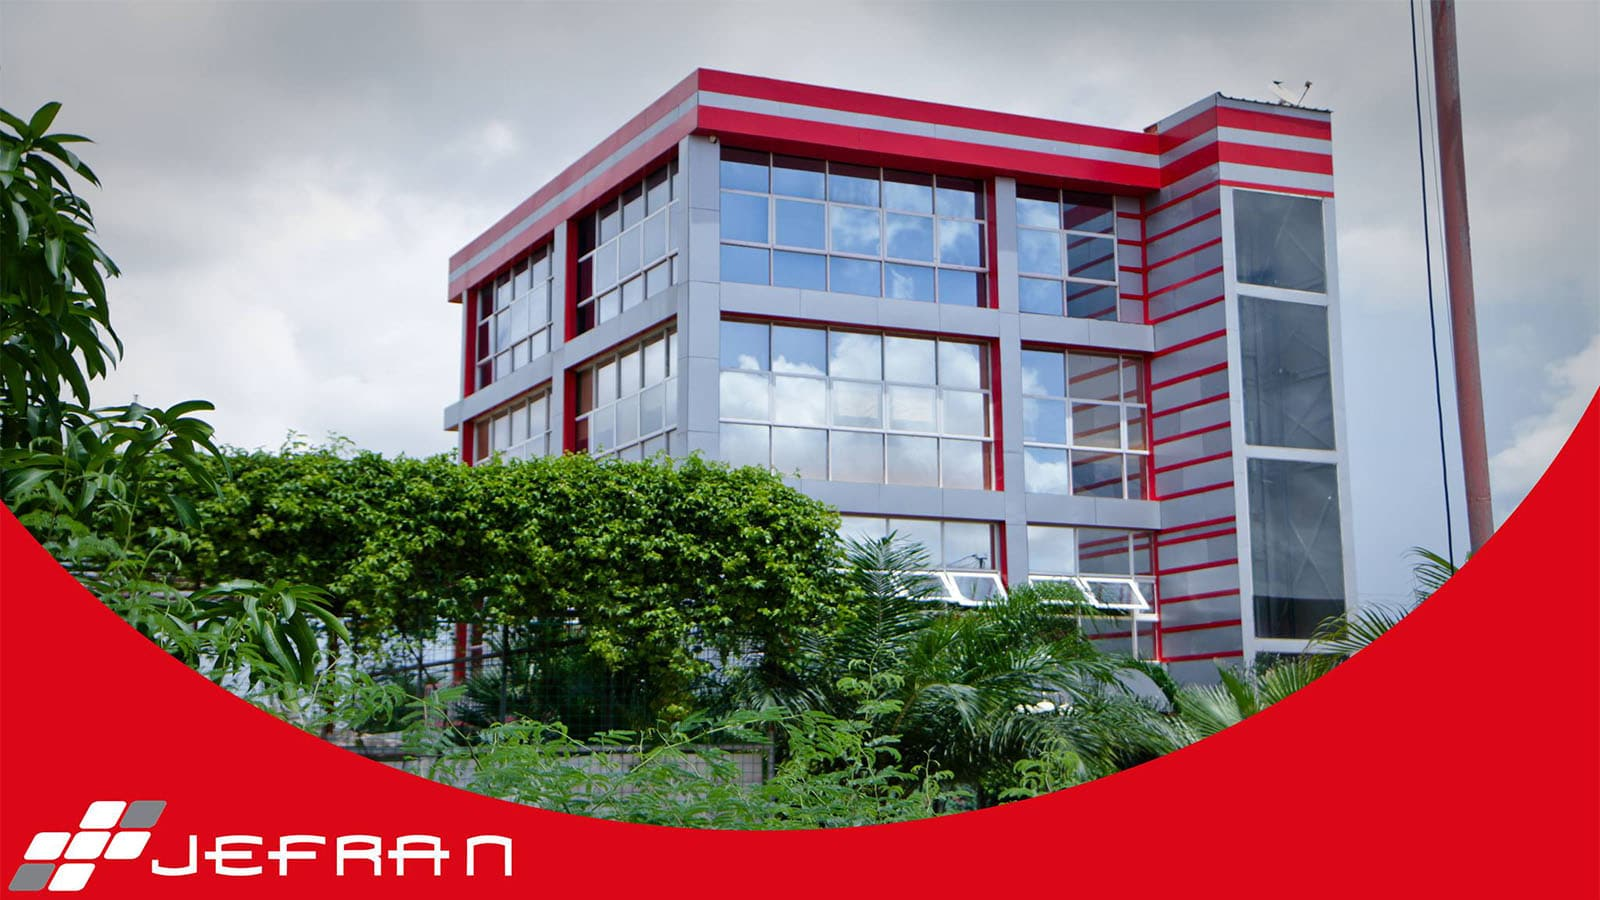 jefran deve mais de mil milhões de kwanzas a clientes - JEFRAN - Jefran deve mais de mil milhões de kwanzas a clientes